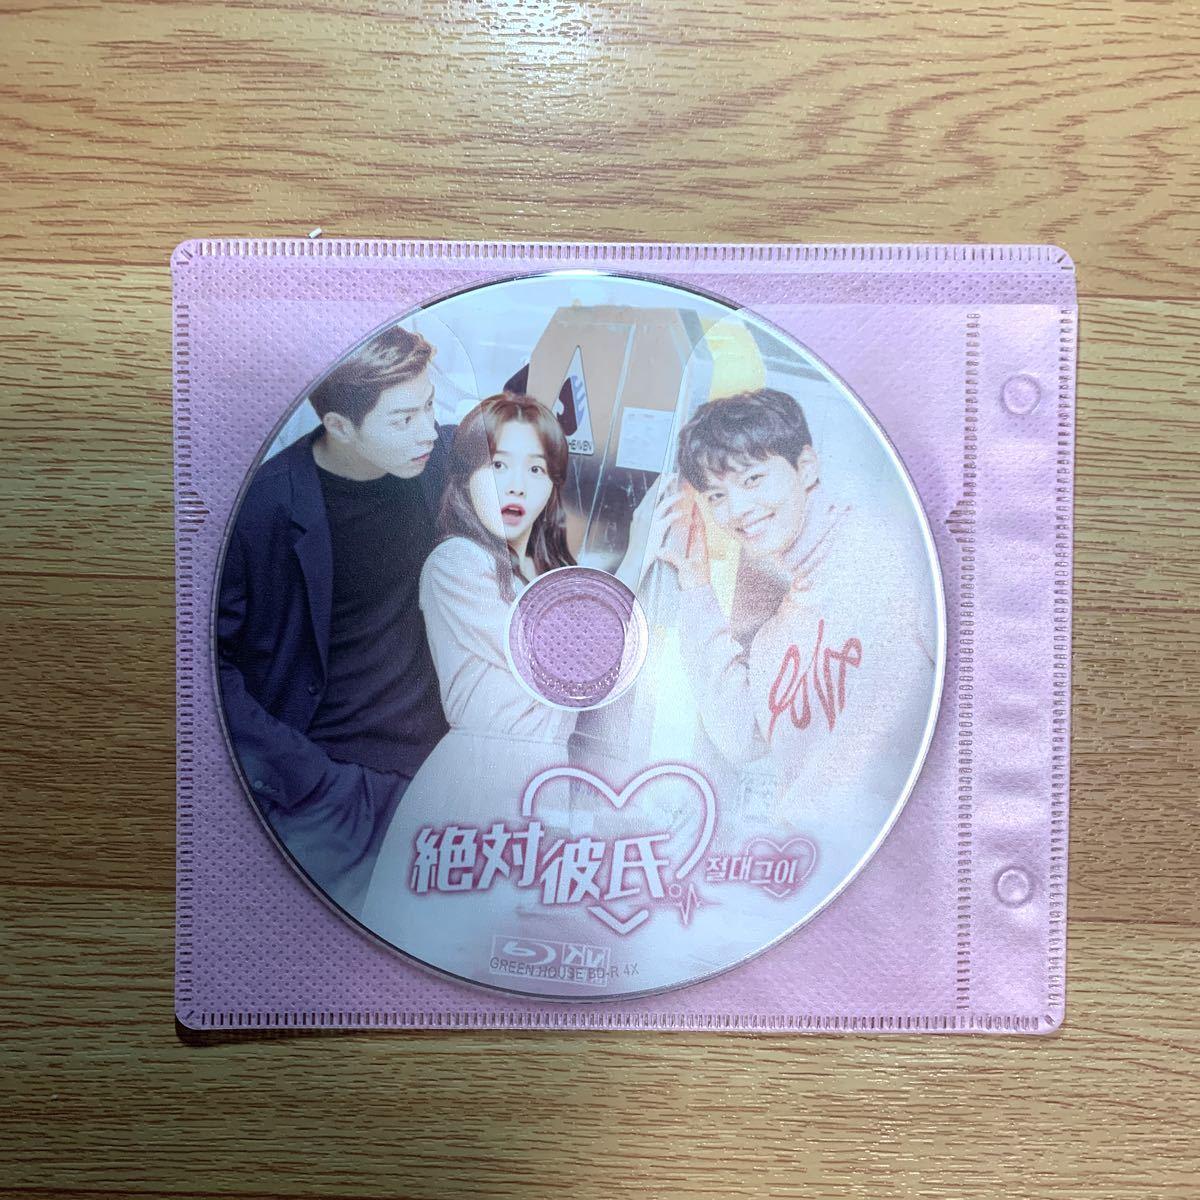 韓国ドラマ「絶対彼氏」Blu-ray